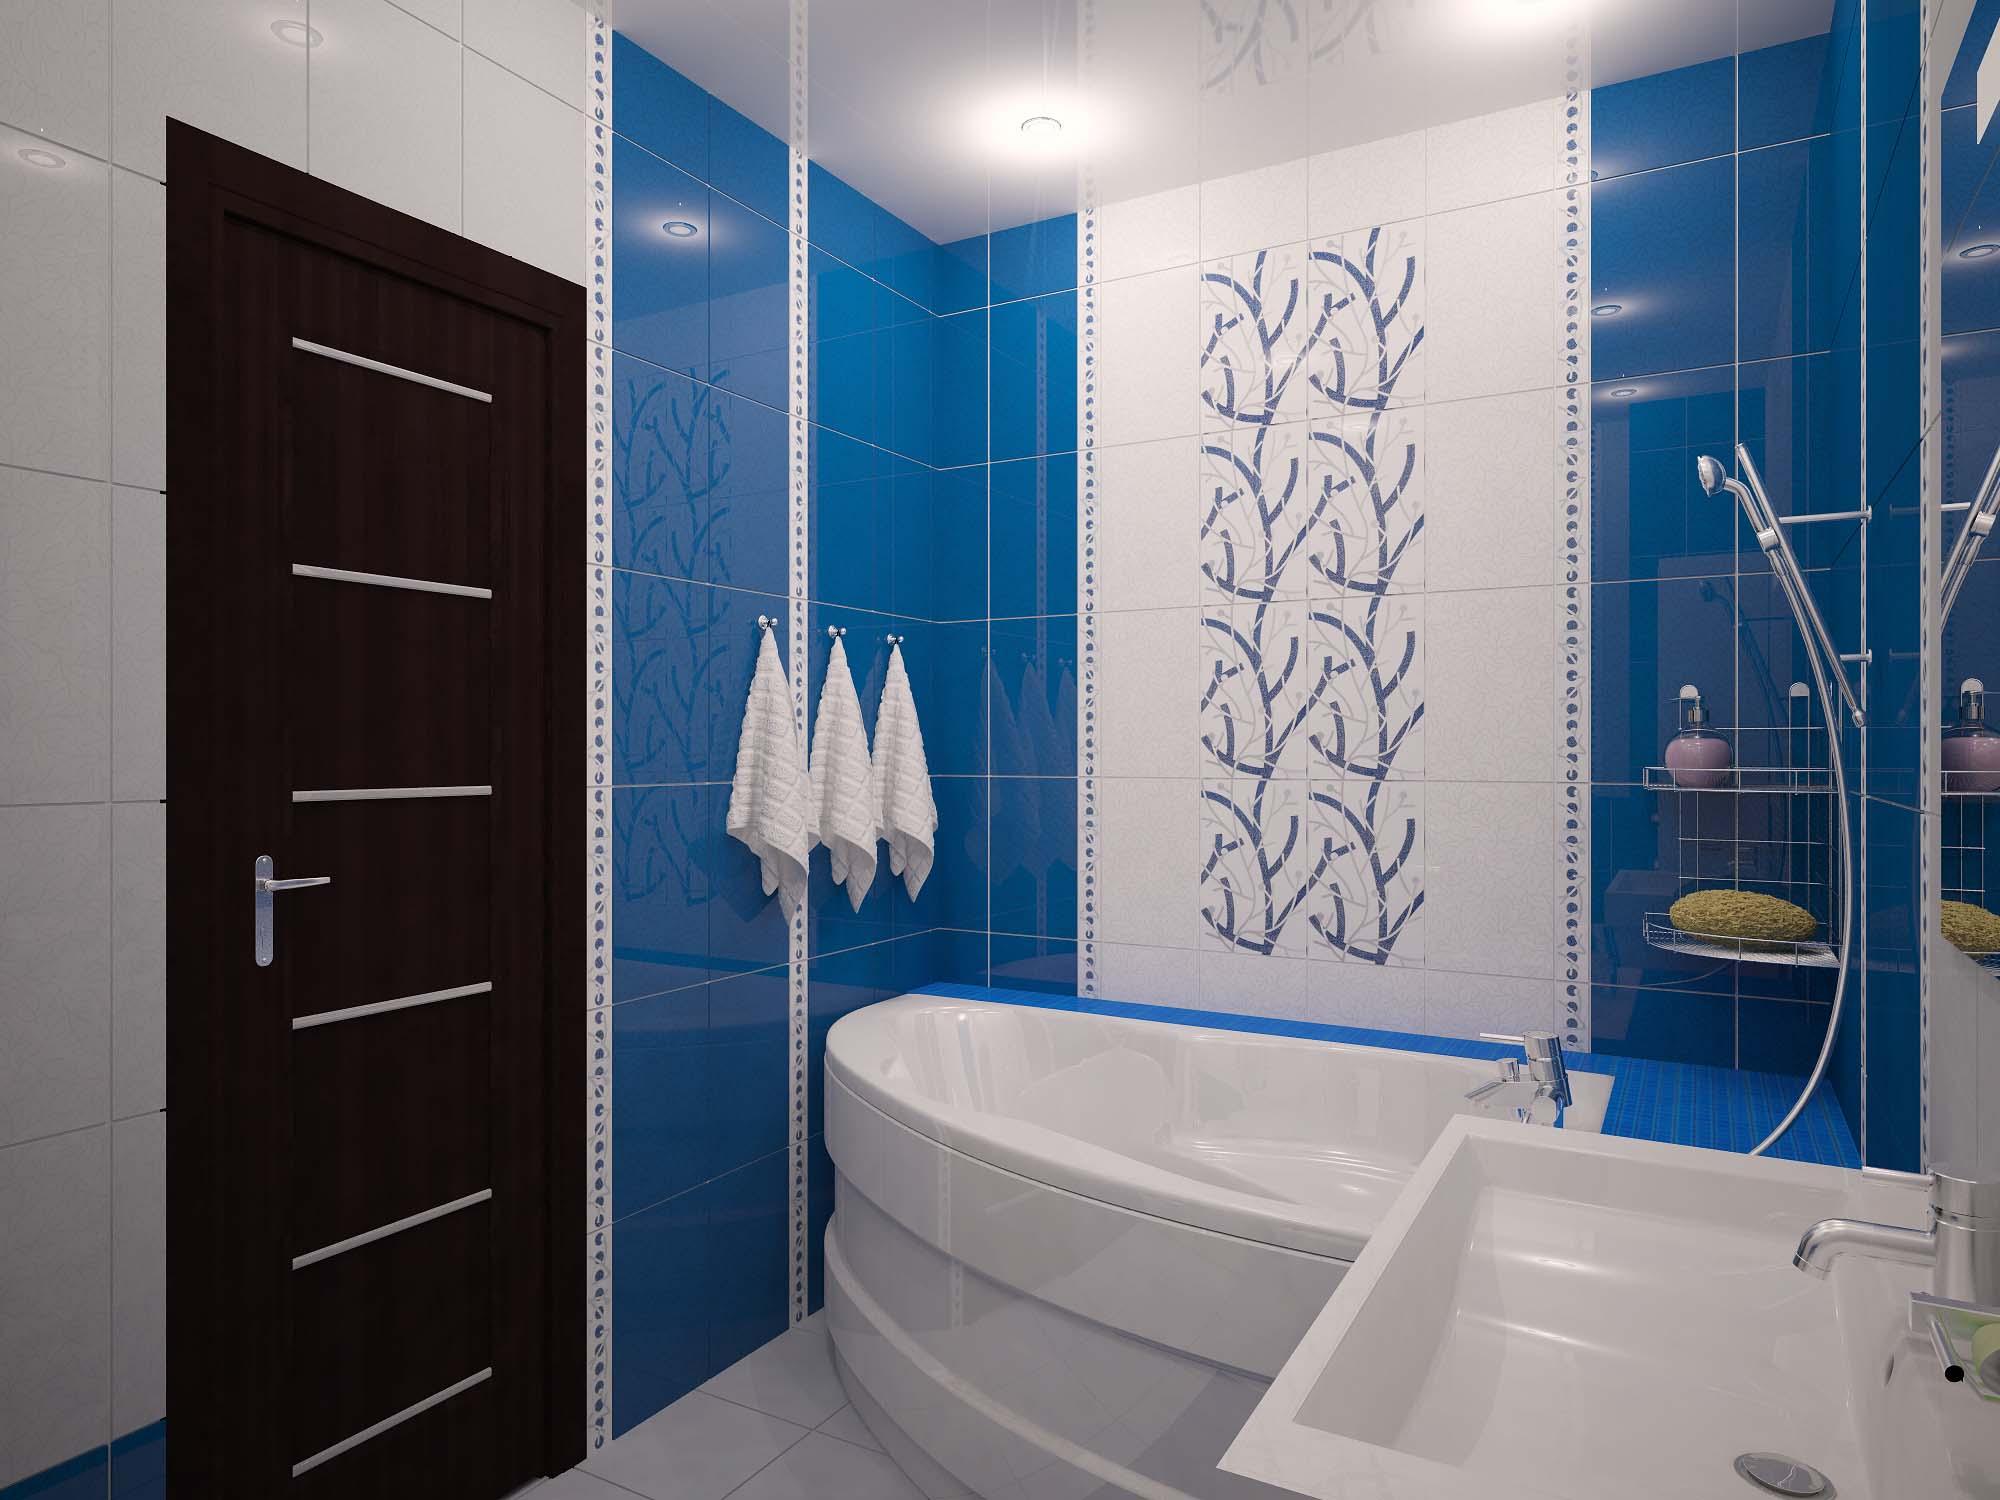 Какой дизайн предпочесть для ванной комнаты площадью 2 кв.м.